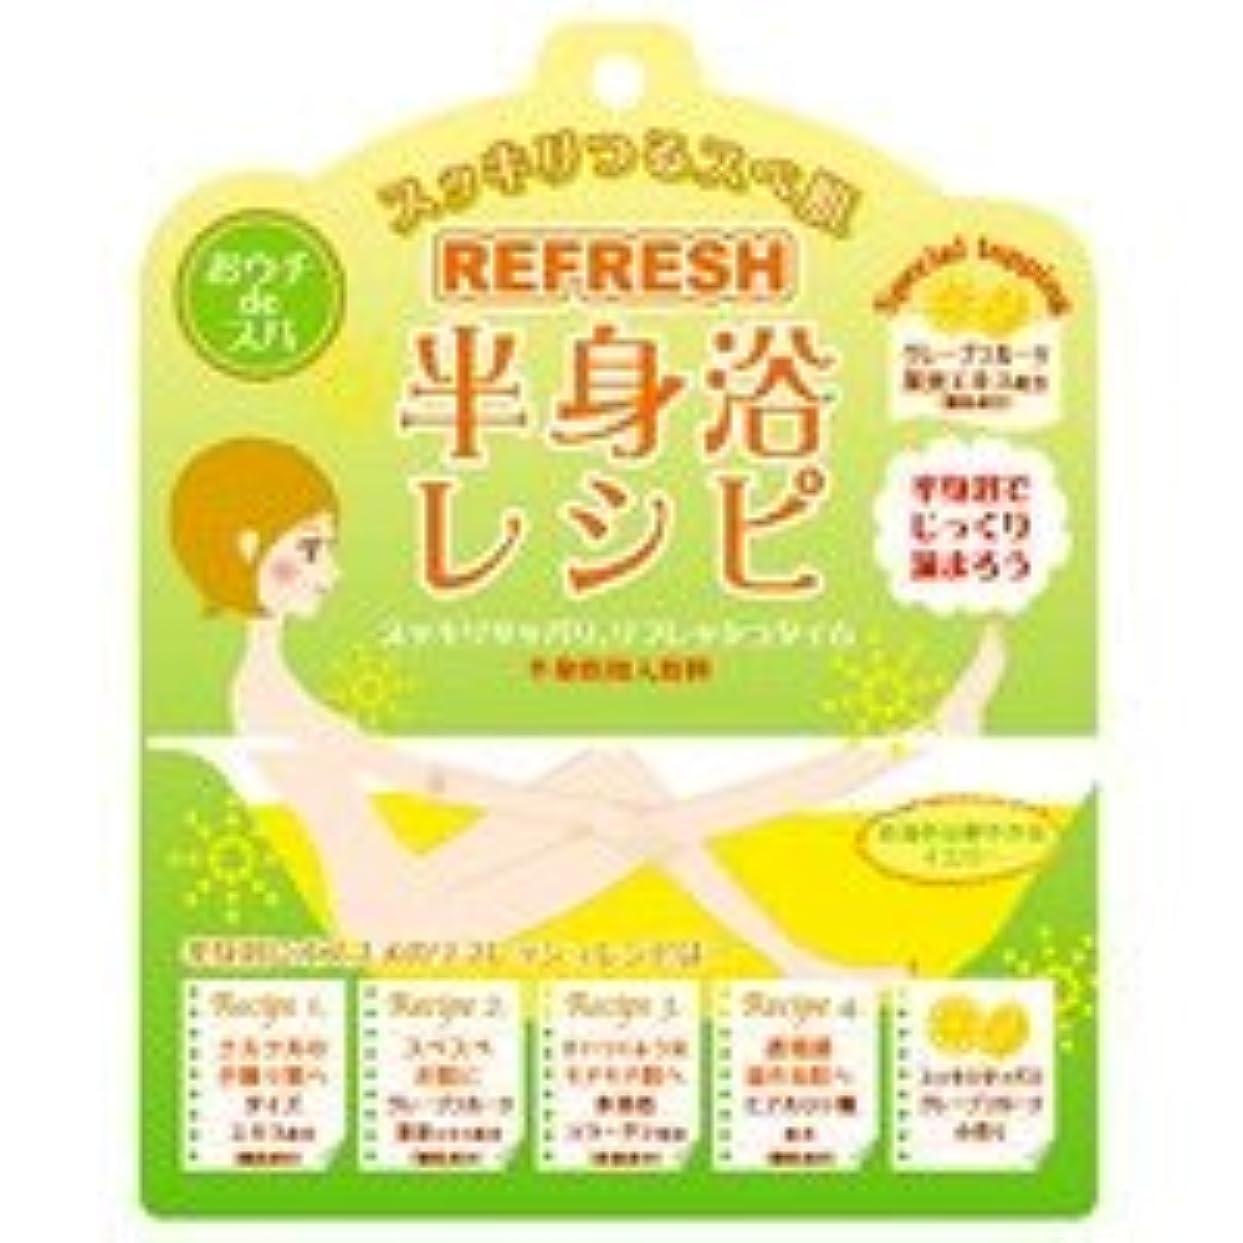 金額台無しにフライト半身浴レシピ「リフレッシュレシピ」10個セット クリアイエローのお湯 スッキリサッパリなグレープフルーツの香り